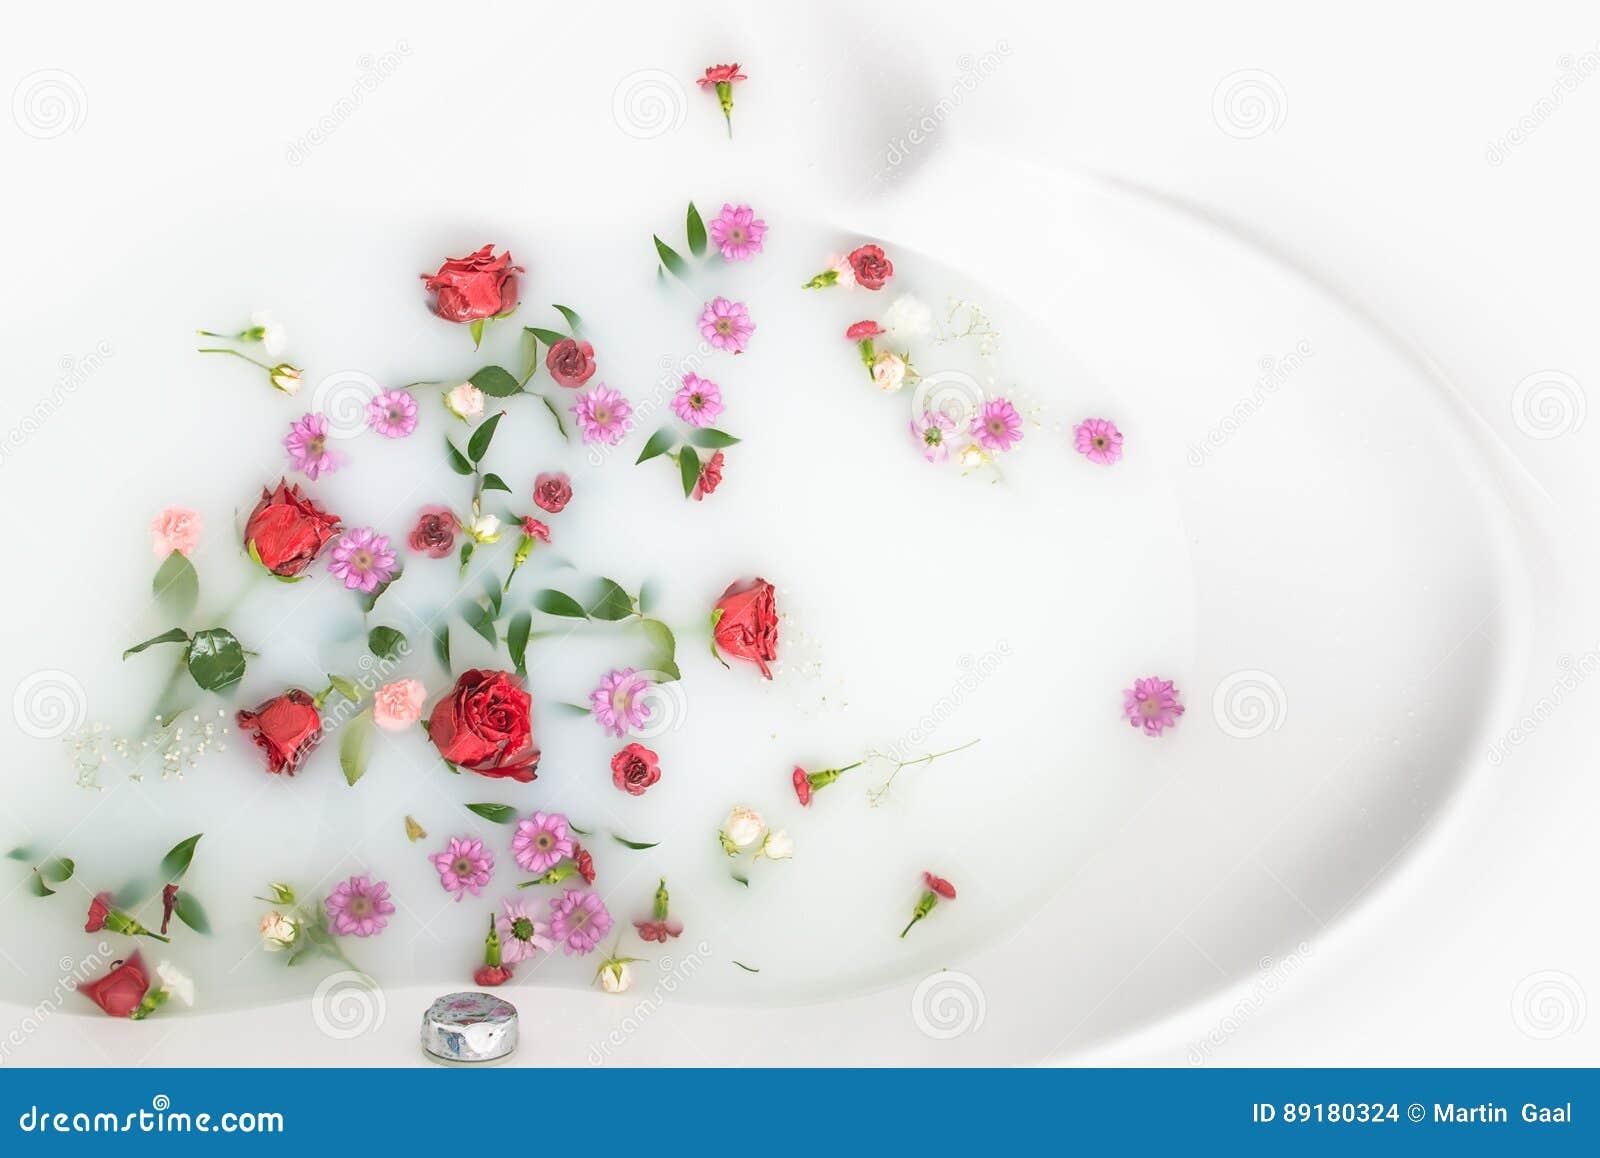 混合花瓣和叶子在牛奶浴、背景或者纹理按摩和温泉的,放松